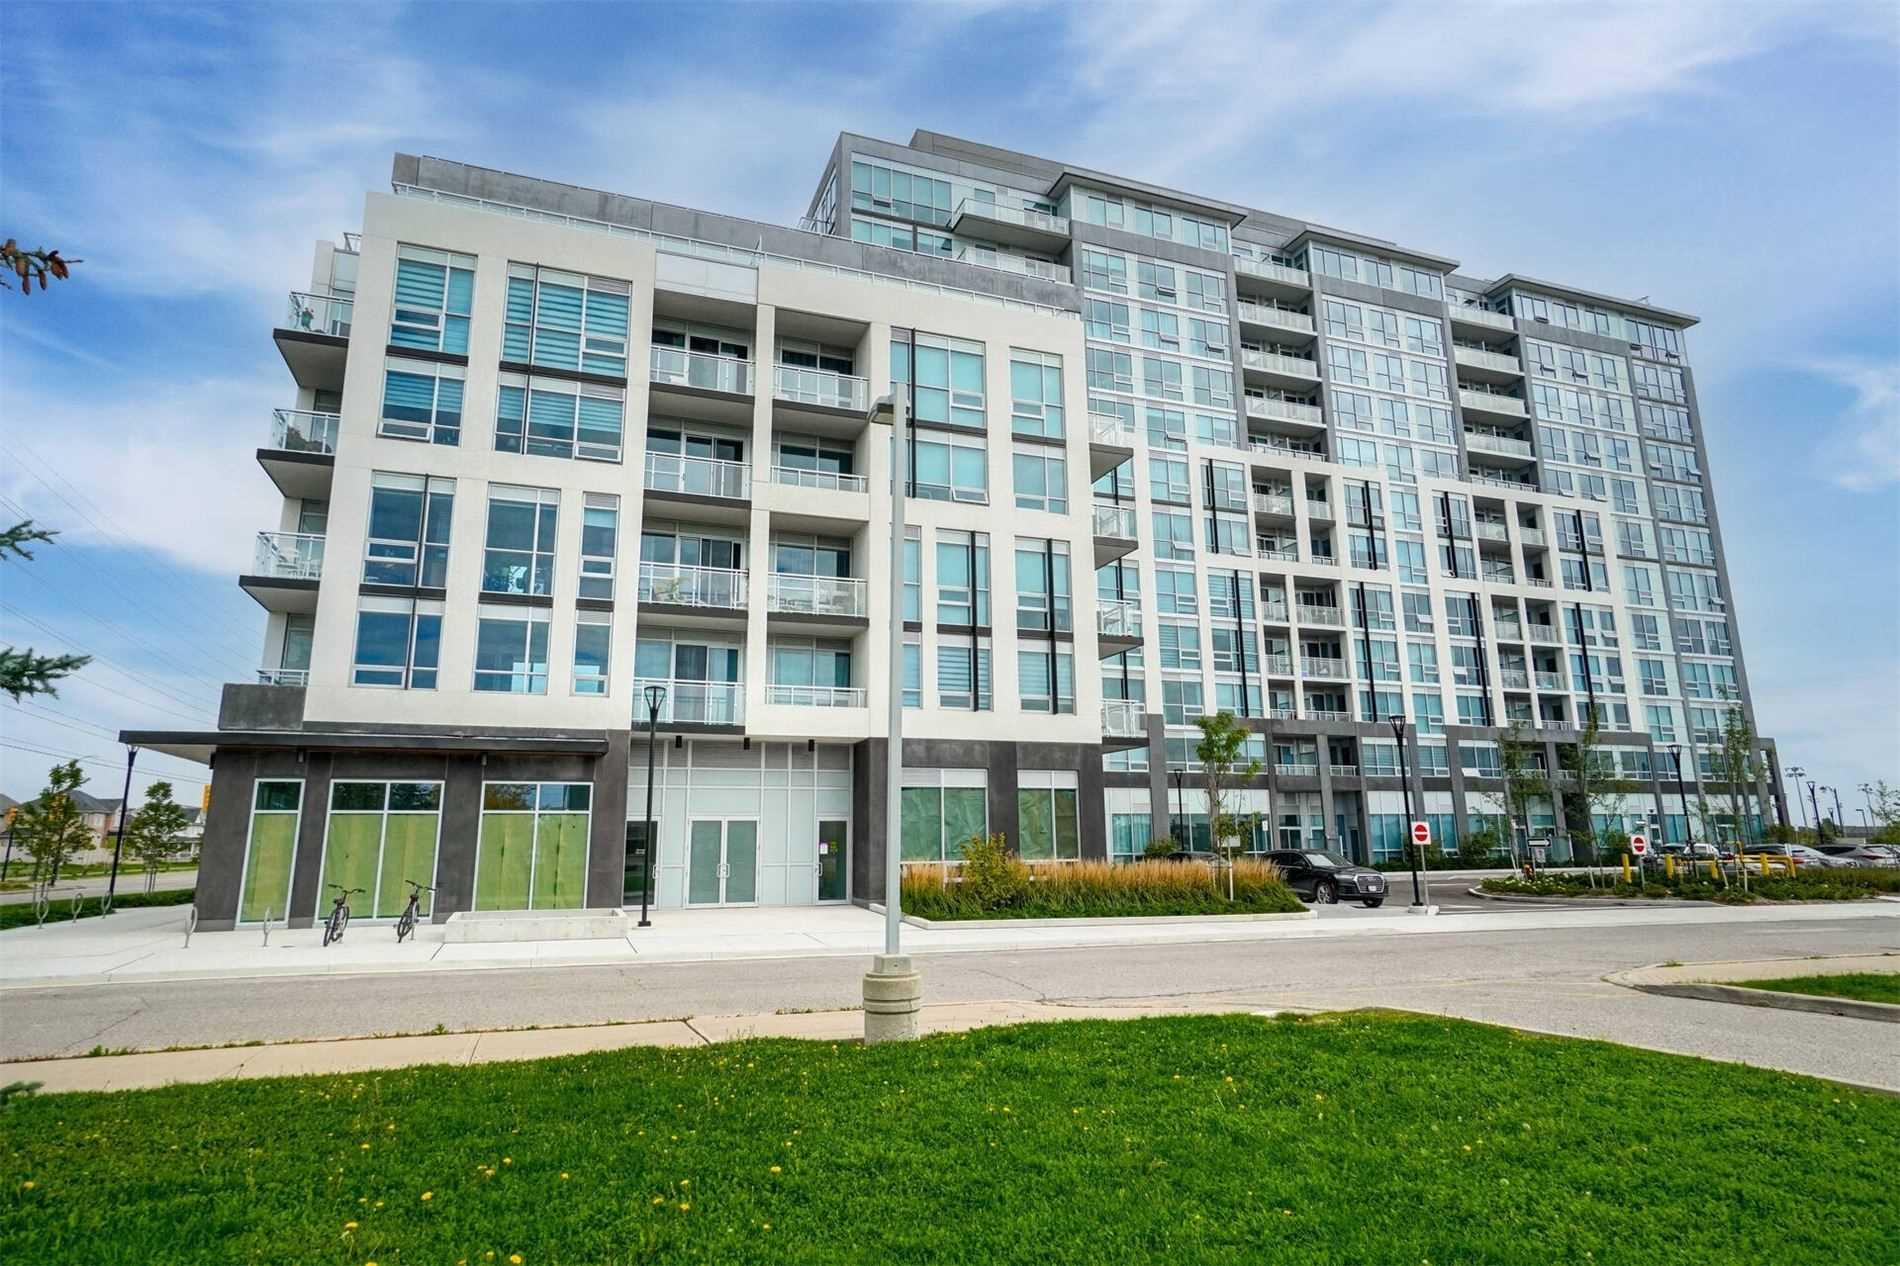 1115 - 1050 Main St E - Dempsey Condo Apt for sale, 2 Bedrooms (W5403212)